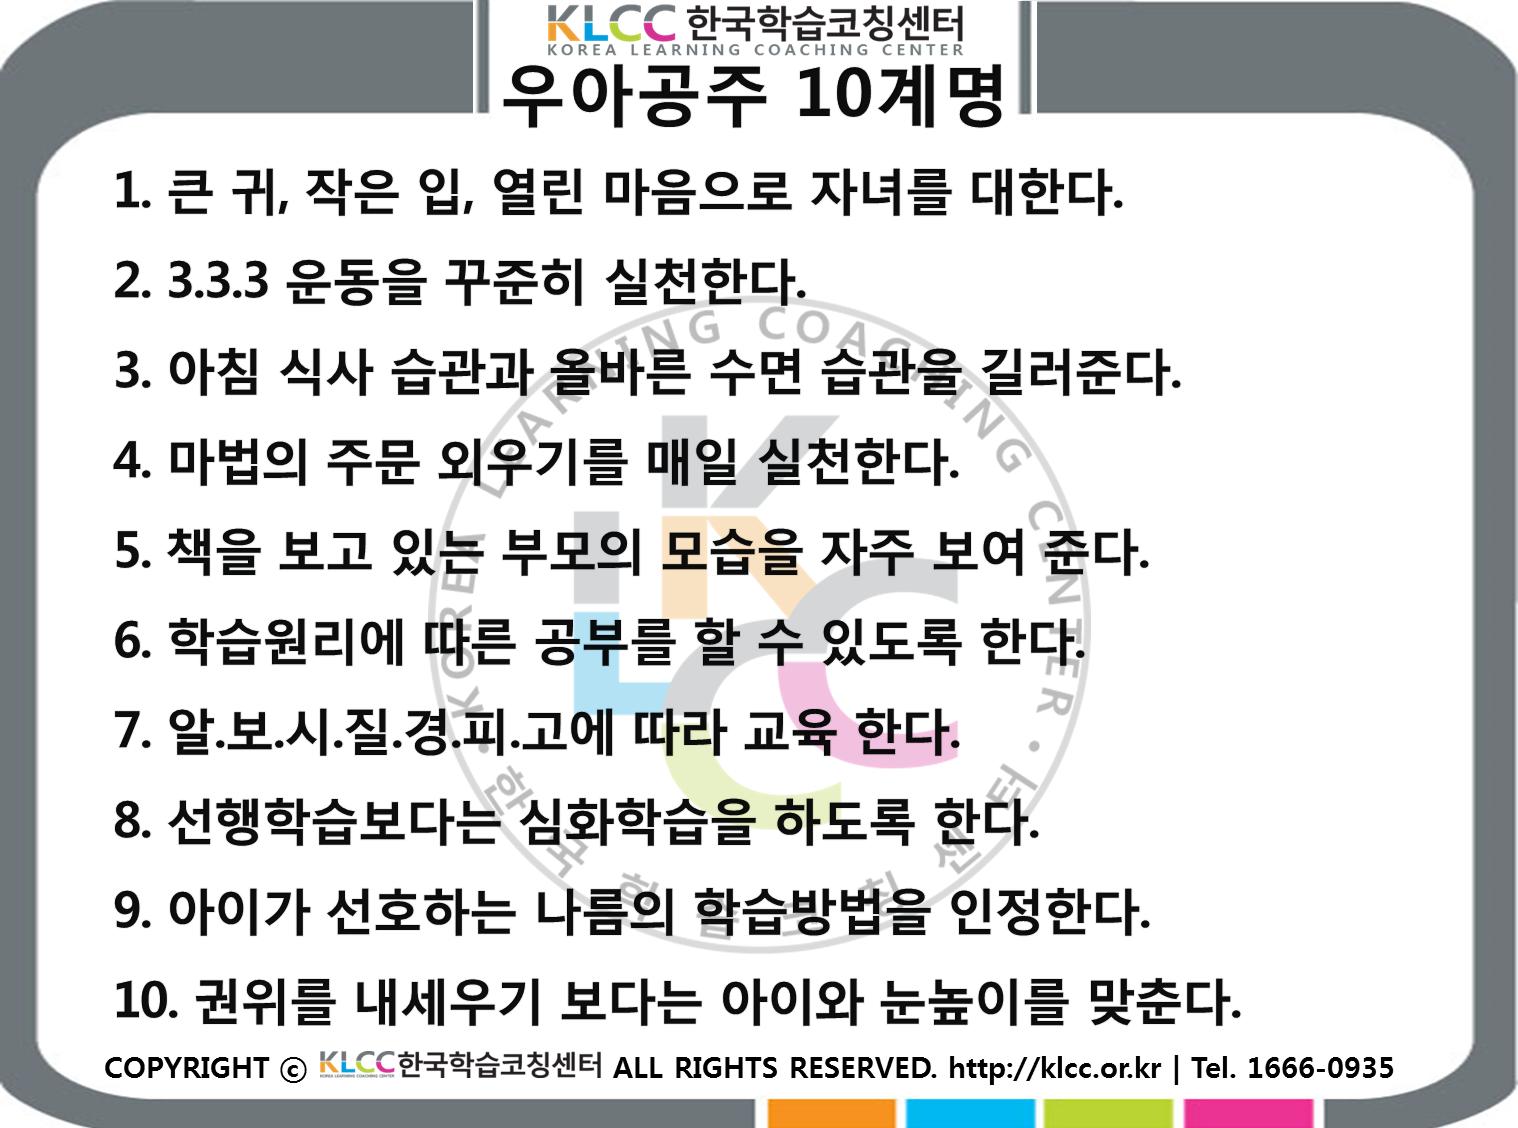 한국학습코칭센터-우아공주 10계명.png